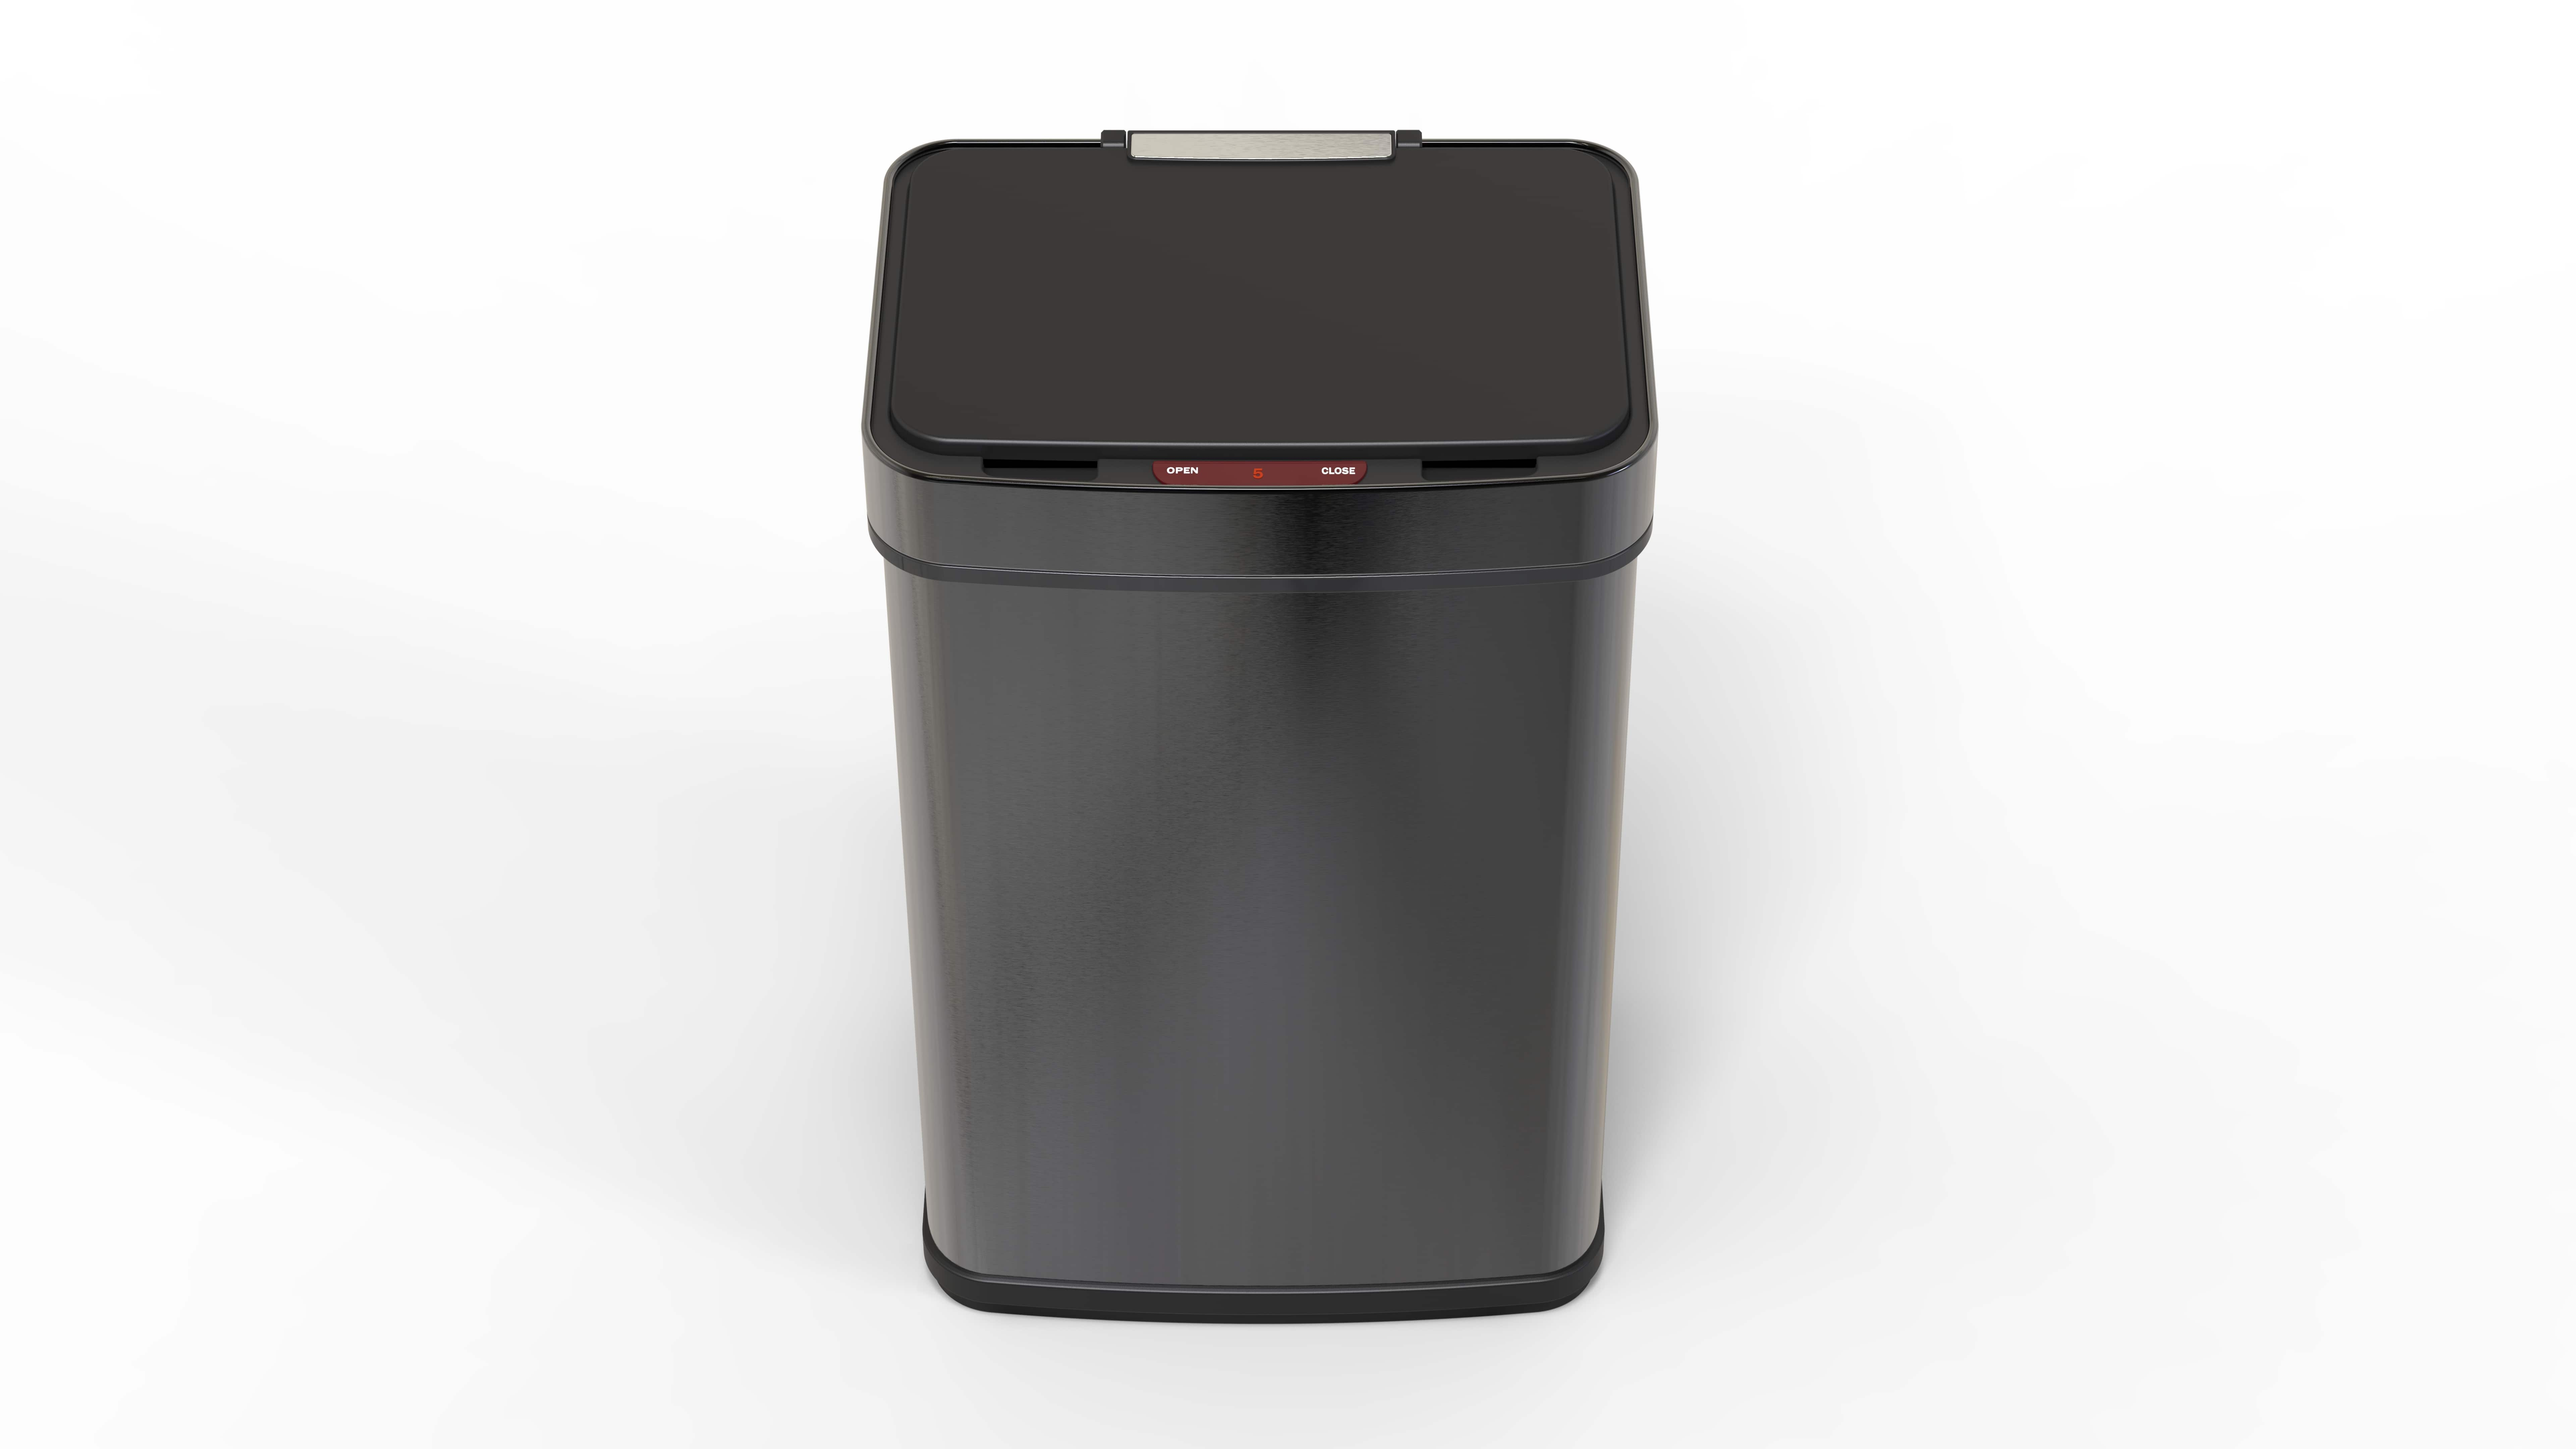 4cookz® RVS prullenbak 60 liter - prullenbak met sensor – Zwart